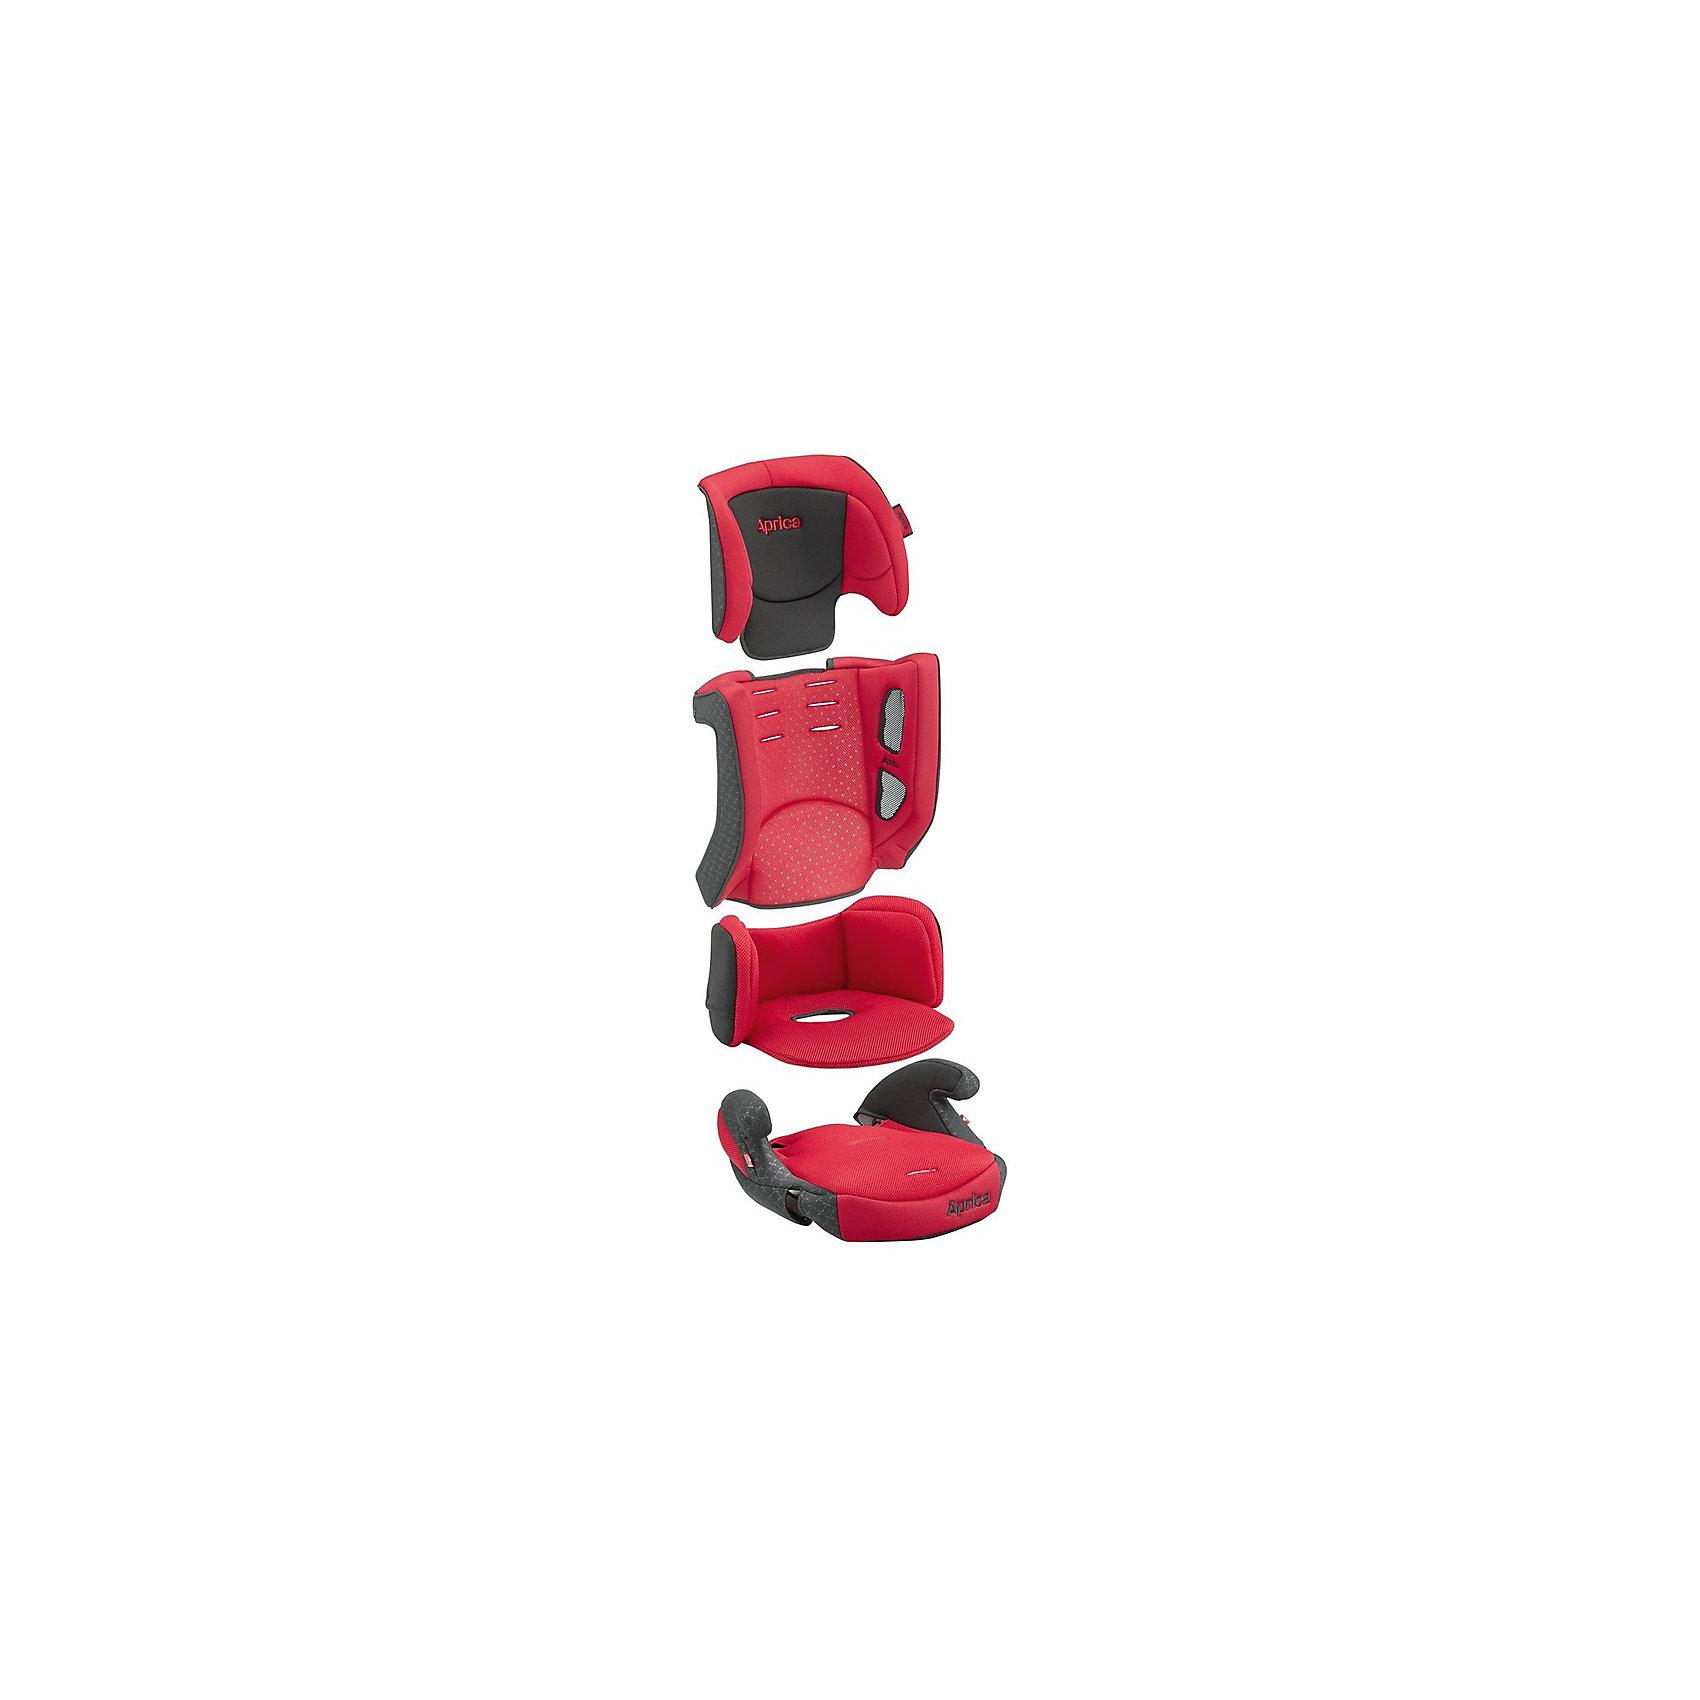 Автокресло Aprica AirGroove Plus 2016/17, 9-36 кг, красный